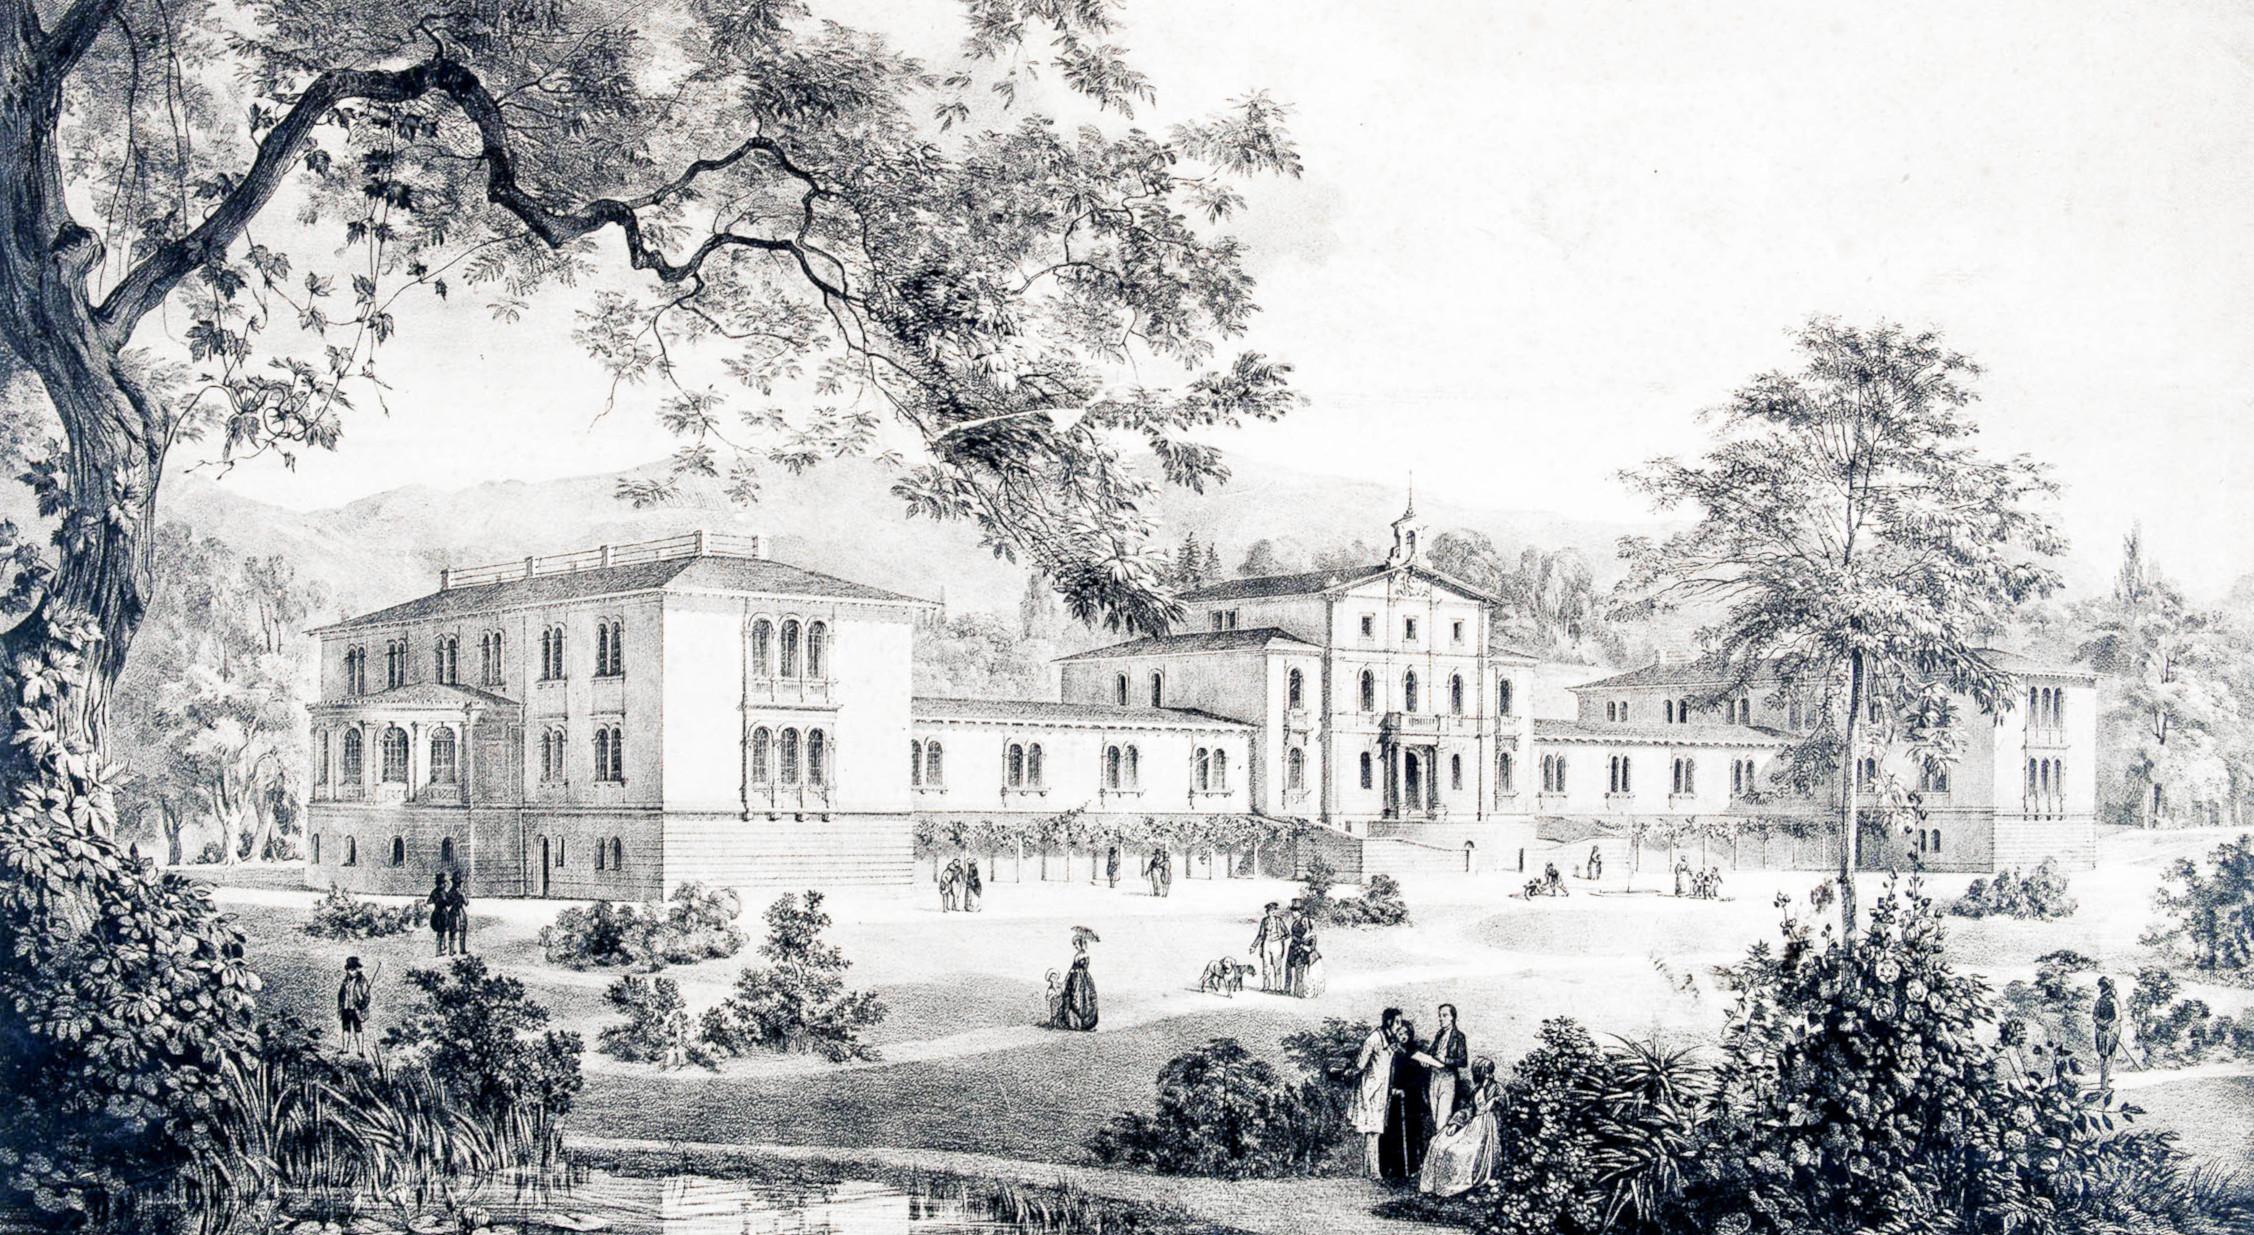 La Maison de Retraite du Petit Saconnex en 1849